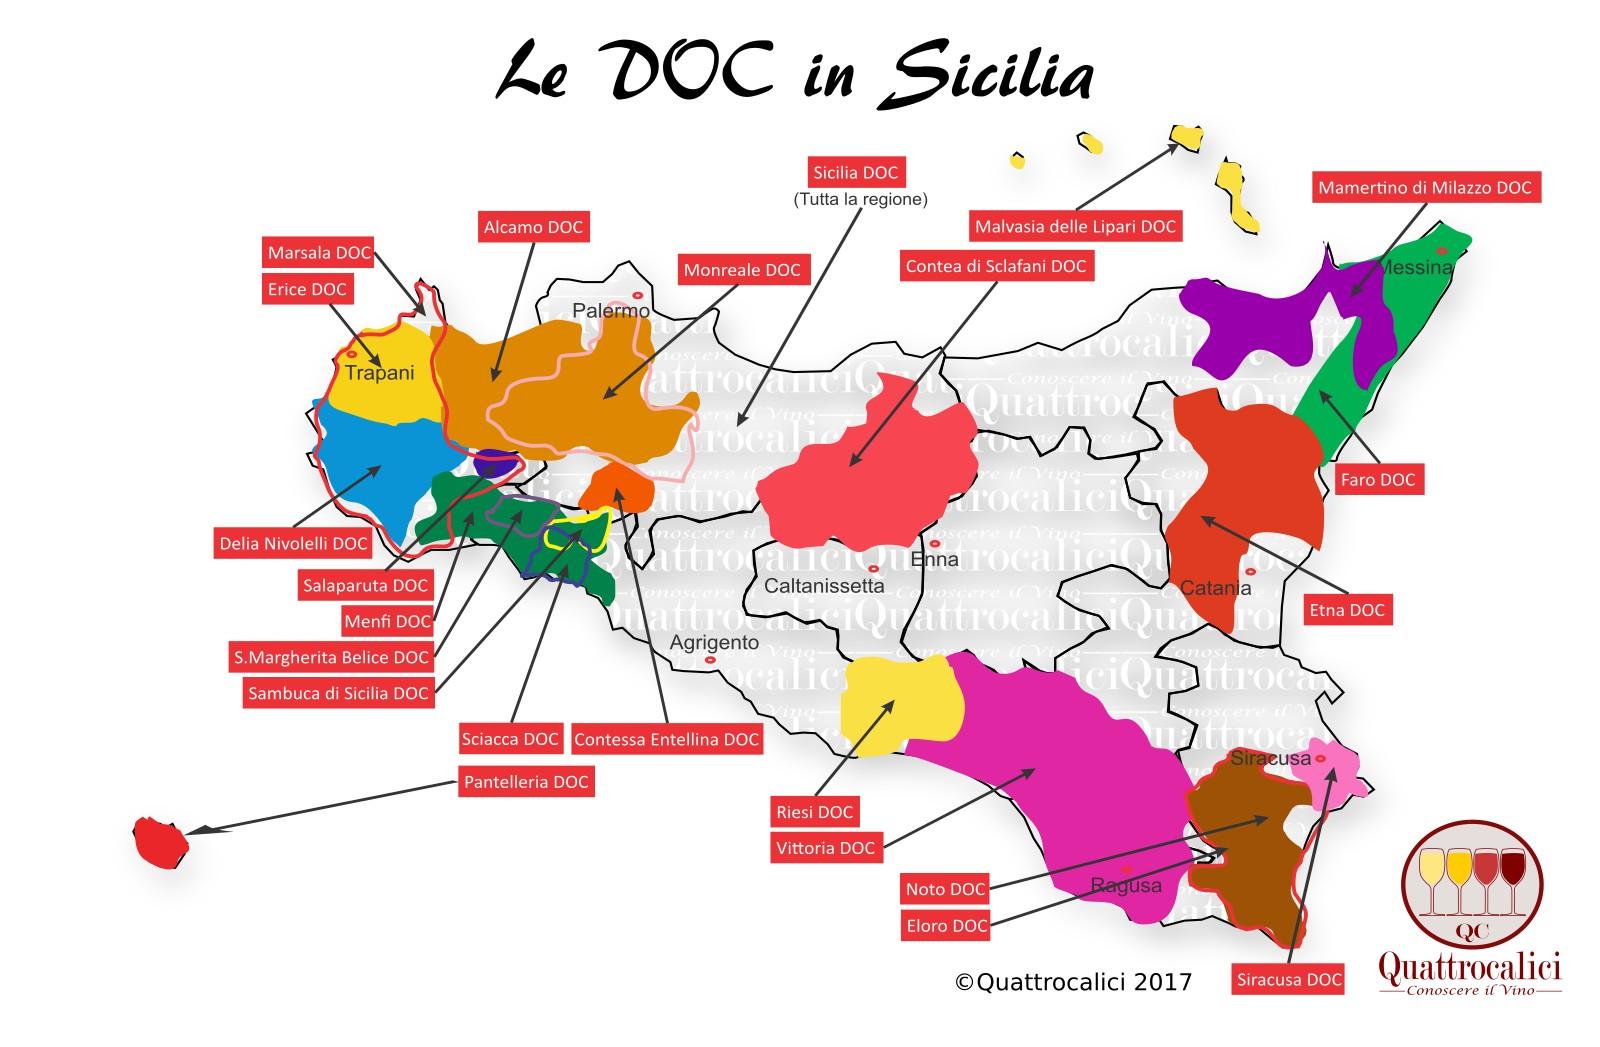 Mappa Denominazioni DOC Le Denominazioni di Origine in Sicilia